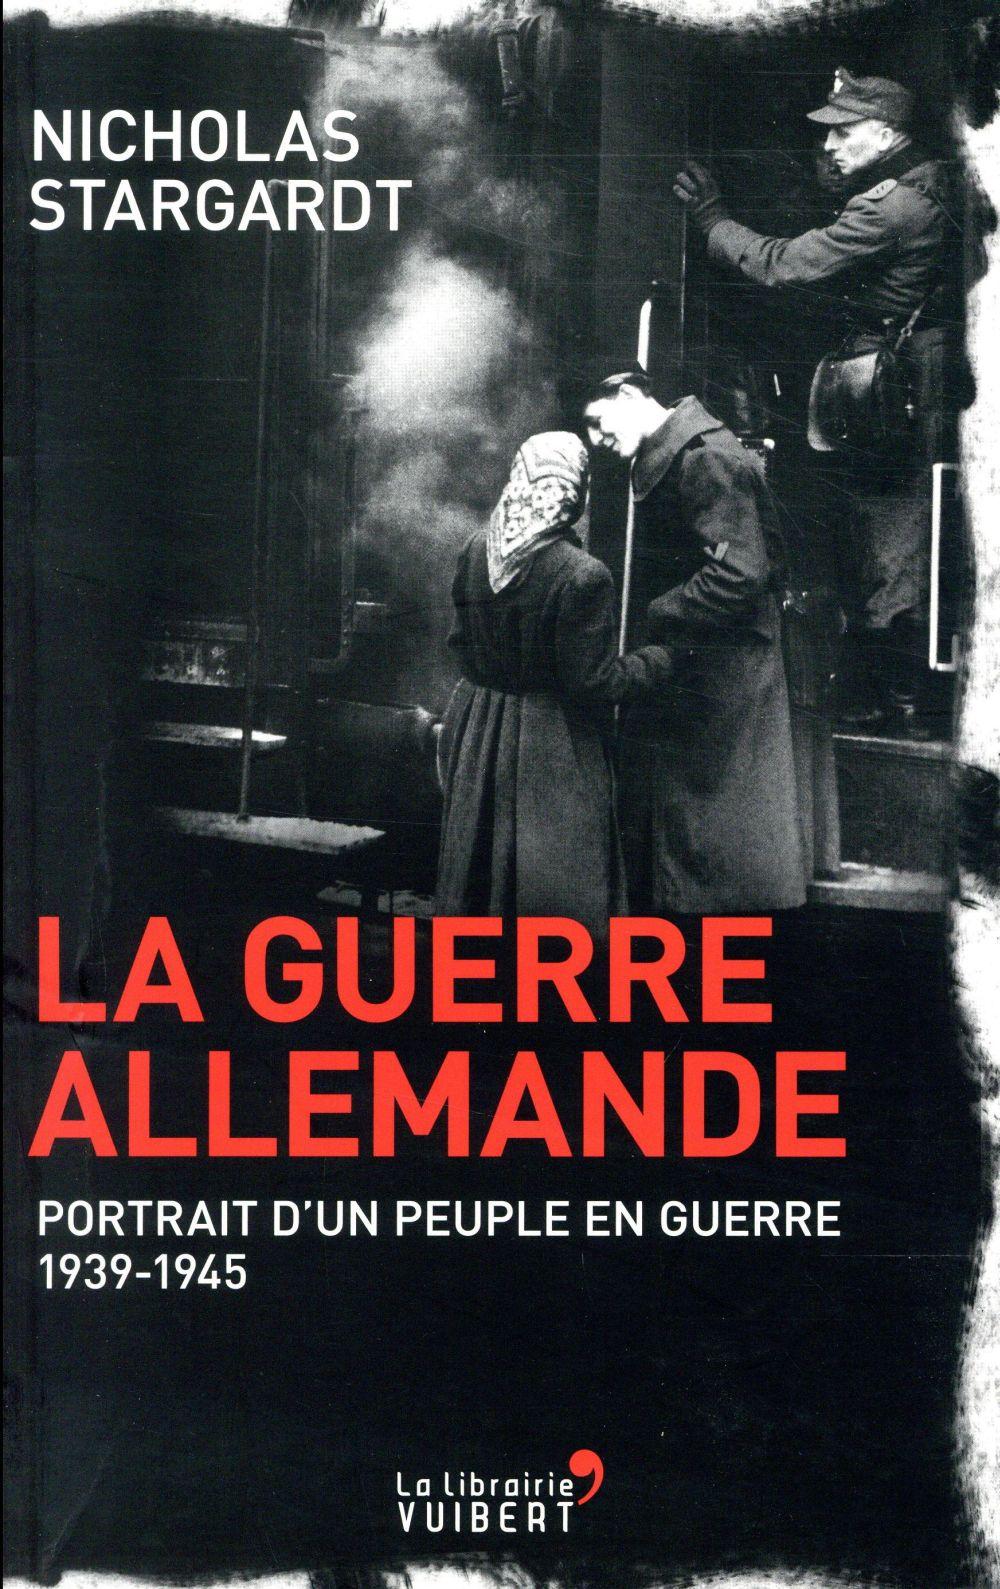 LA GUERRE ALLEMANDE : PORTRAIT D'UN PEUPLE EN GUERRE 1939-1945